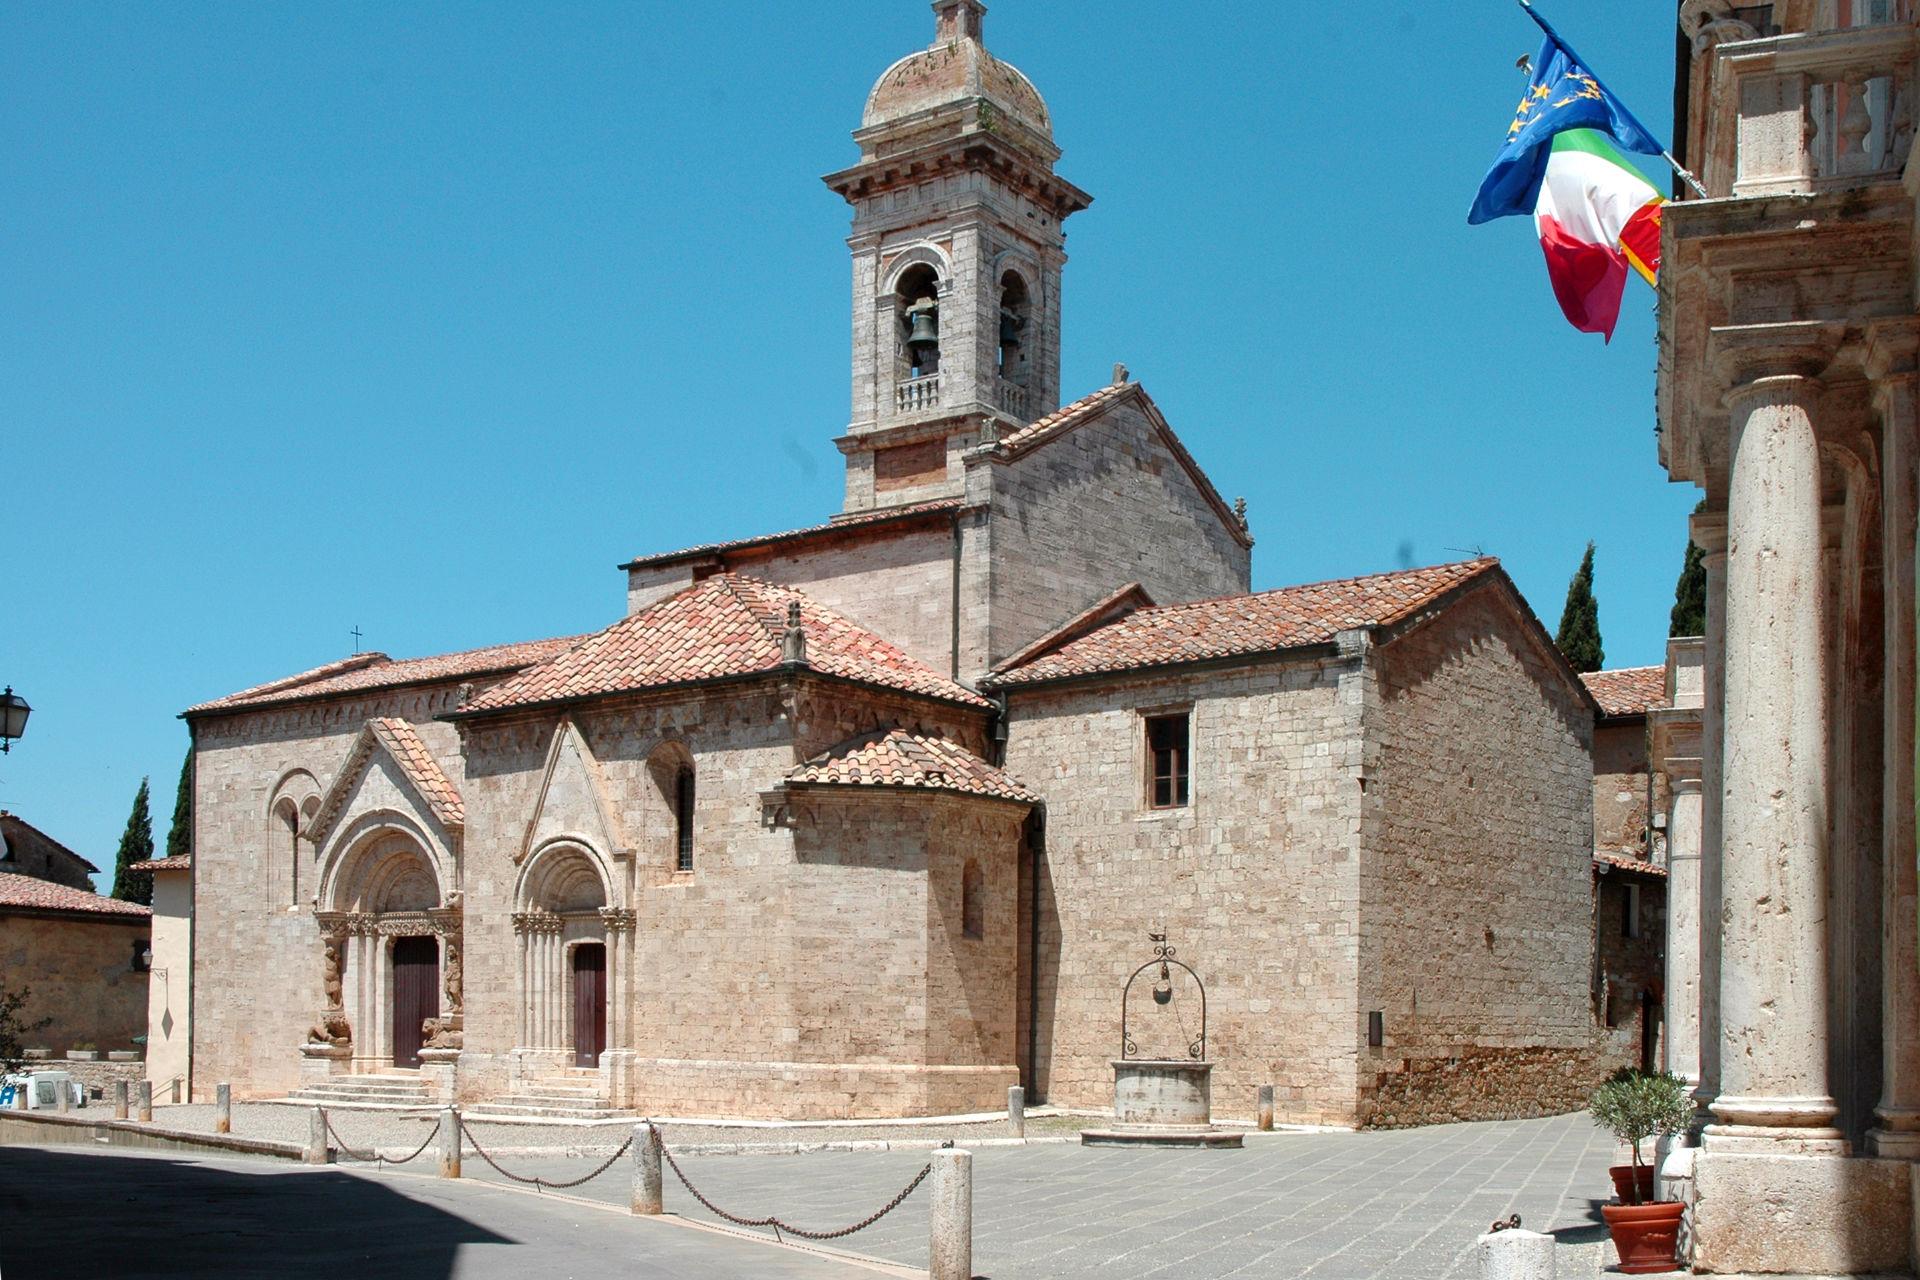 San Quirico d'Orcia-Collegiata